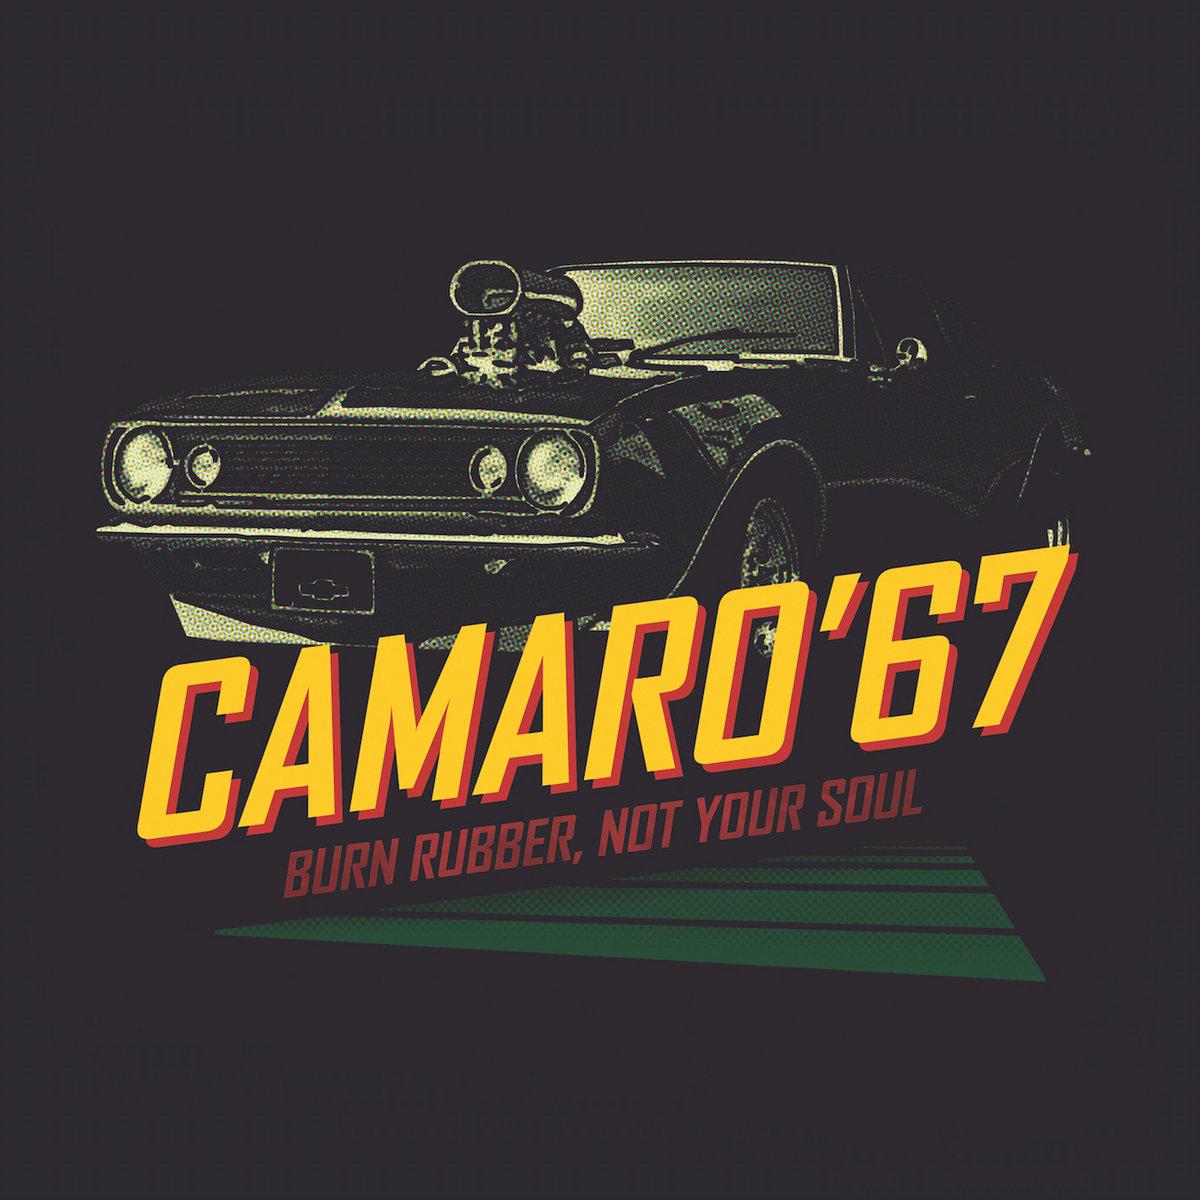 Bitchin' Camaro | Camaro 67